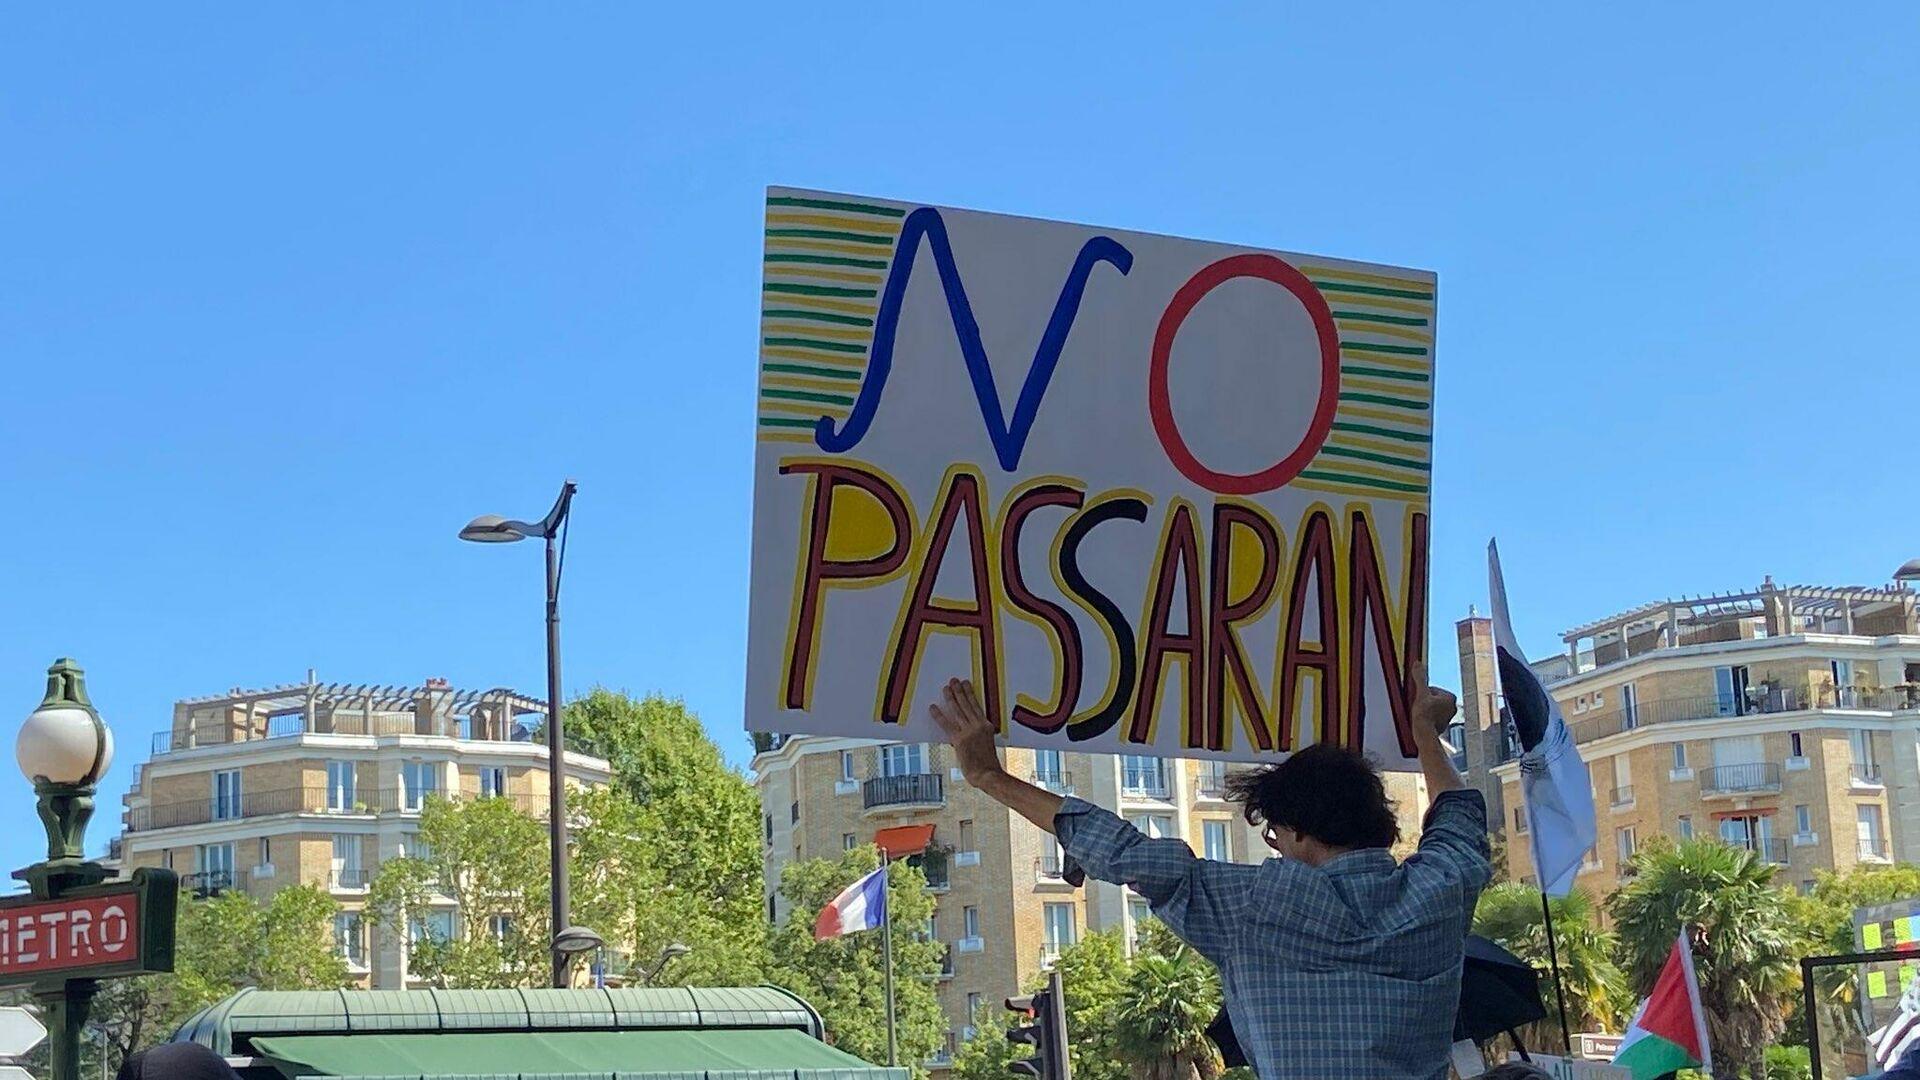 Manifestanti si radunano a Parigi per protestare contro il Green Pass e l'obbligo vaccinale, 14 agosto 2021 - Sputnik Italia, 1920, 27.08.2021